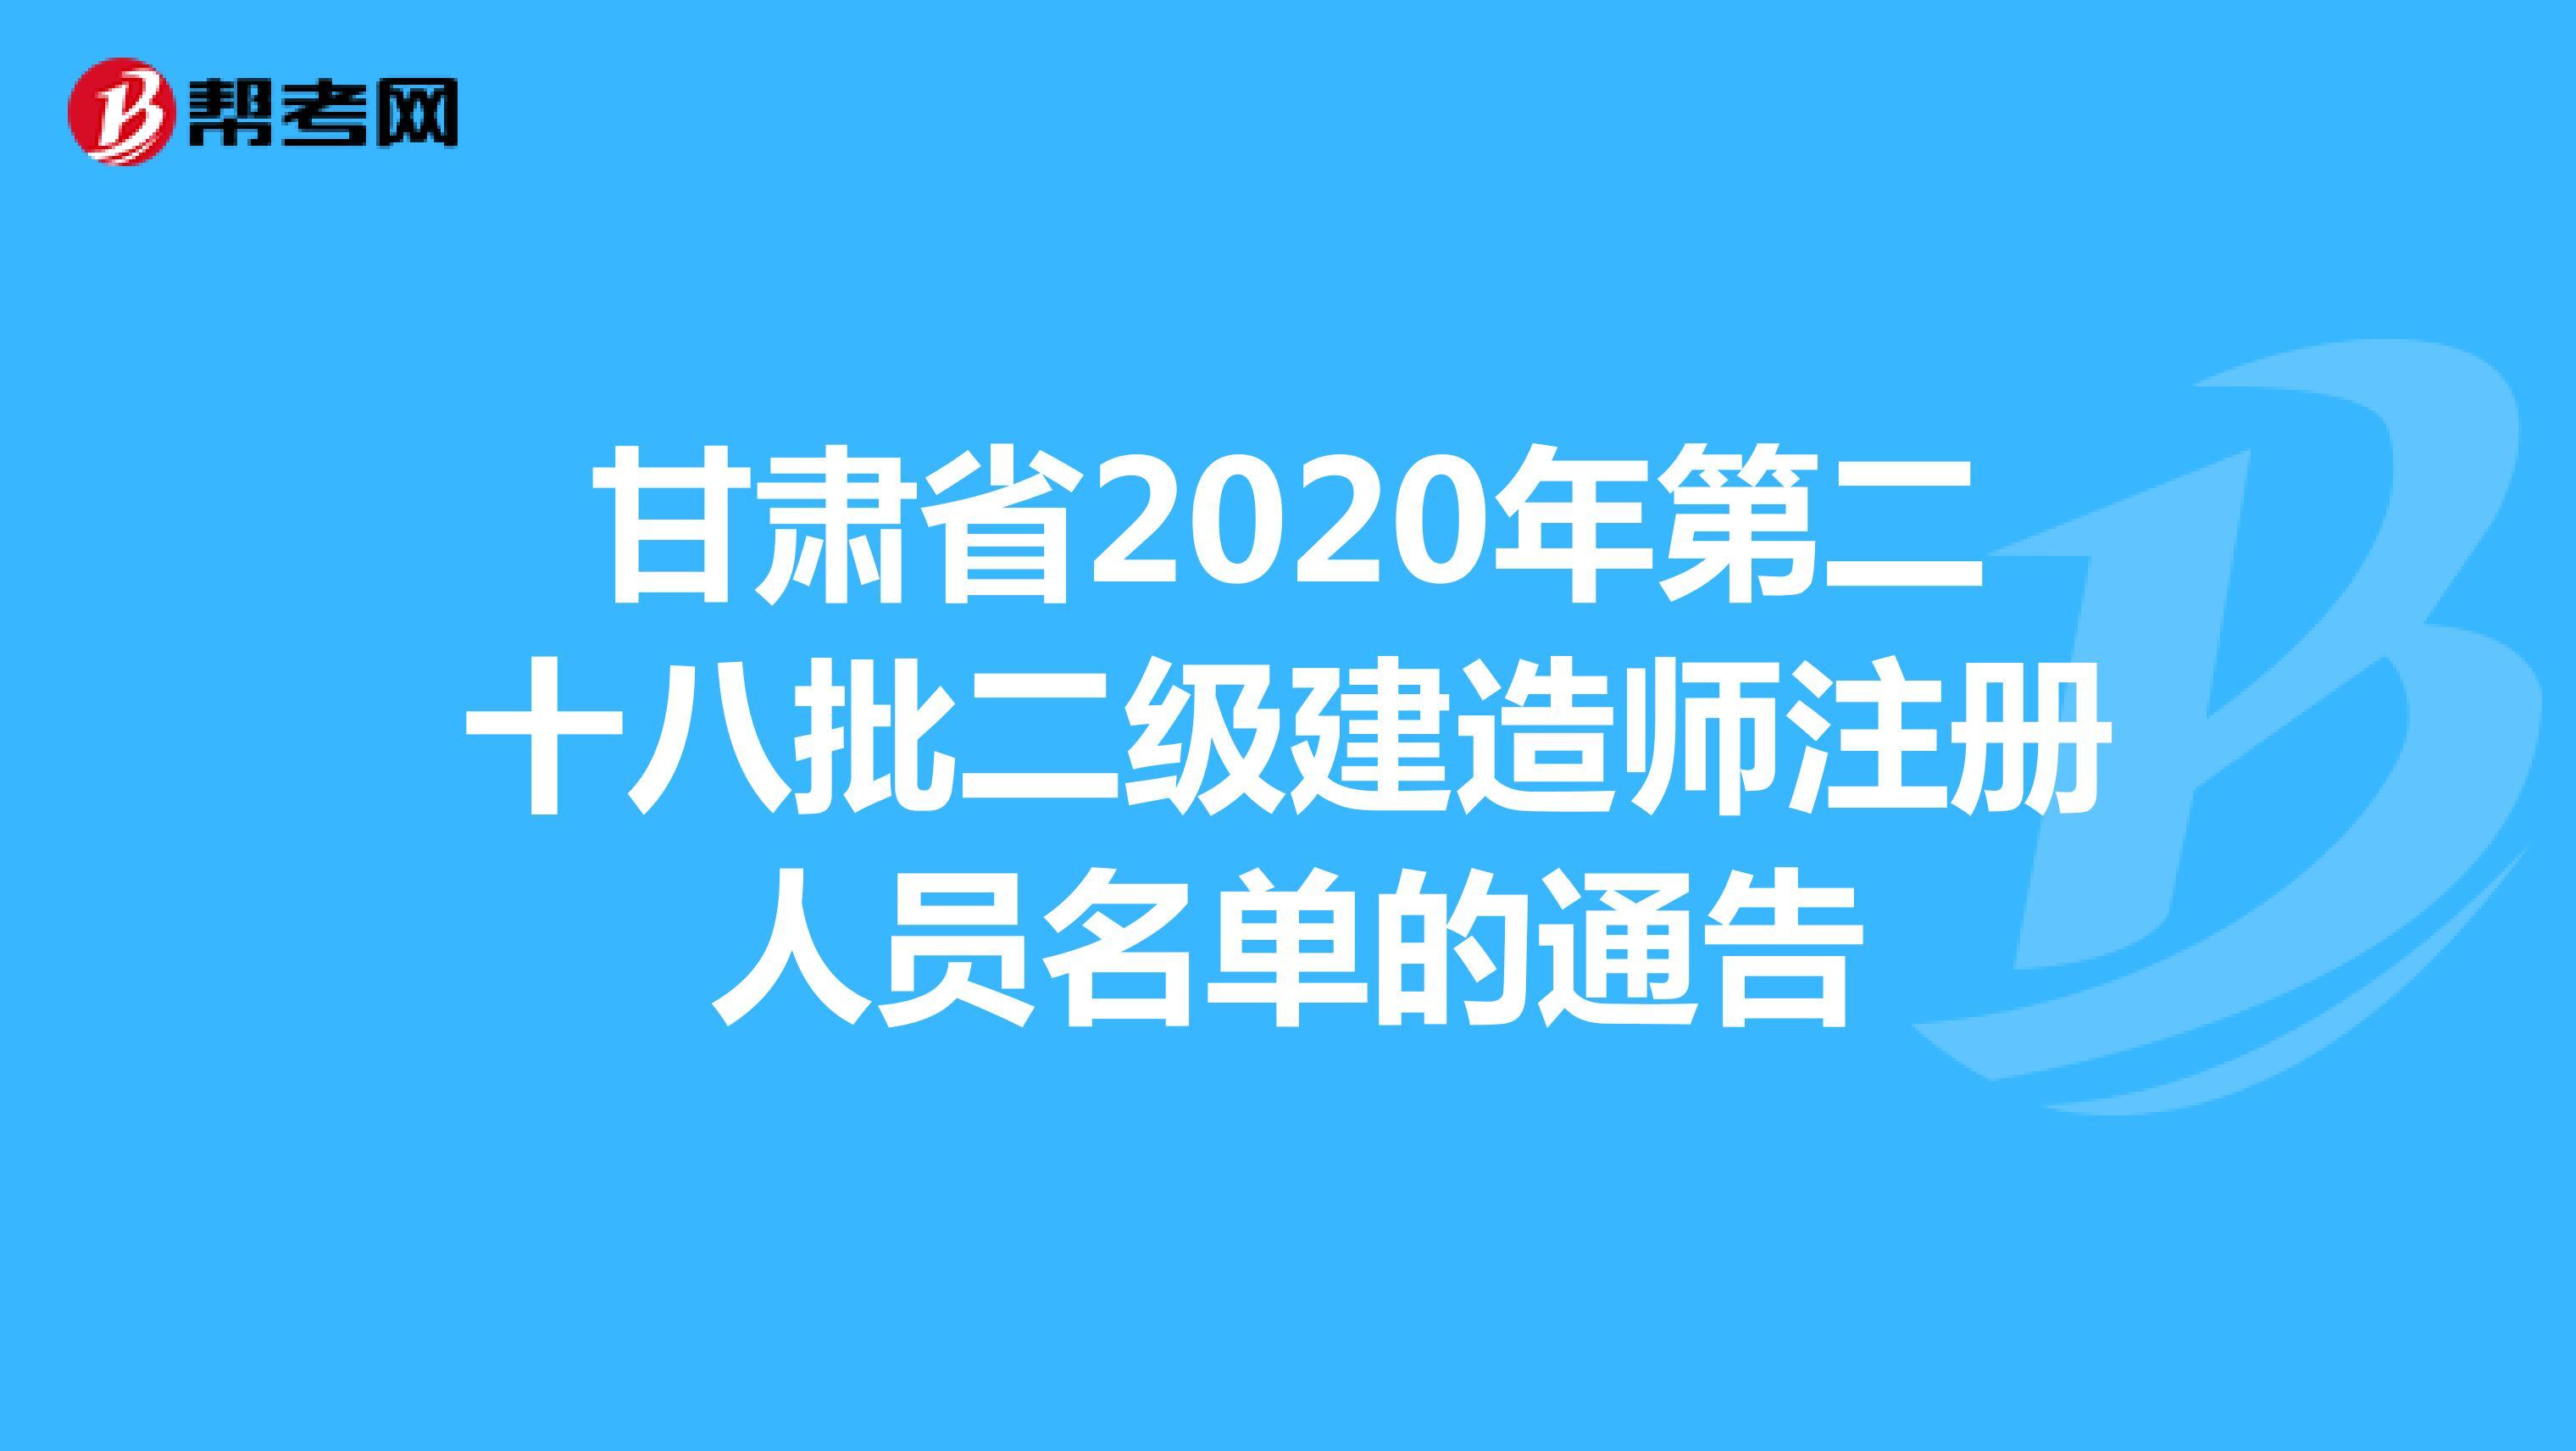 甘肅省2020年第二十八批二級建造師注冊人員名單的通告